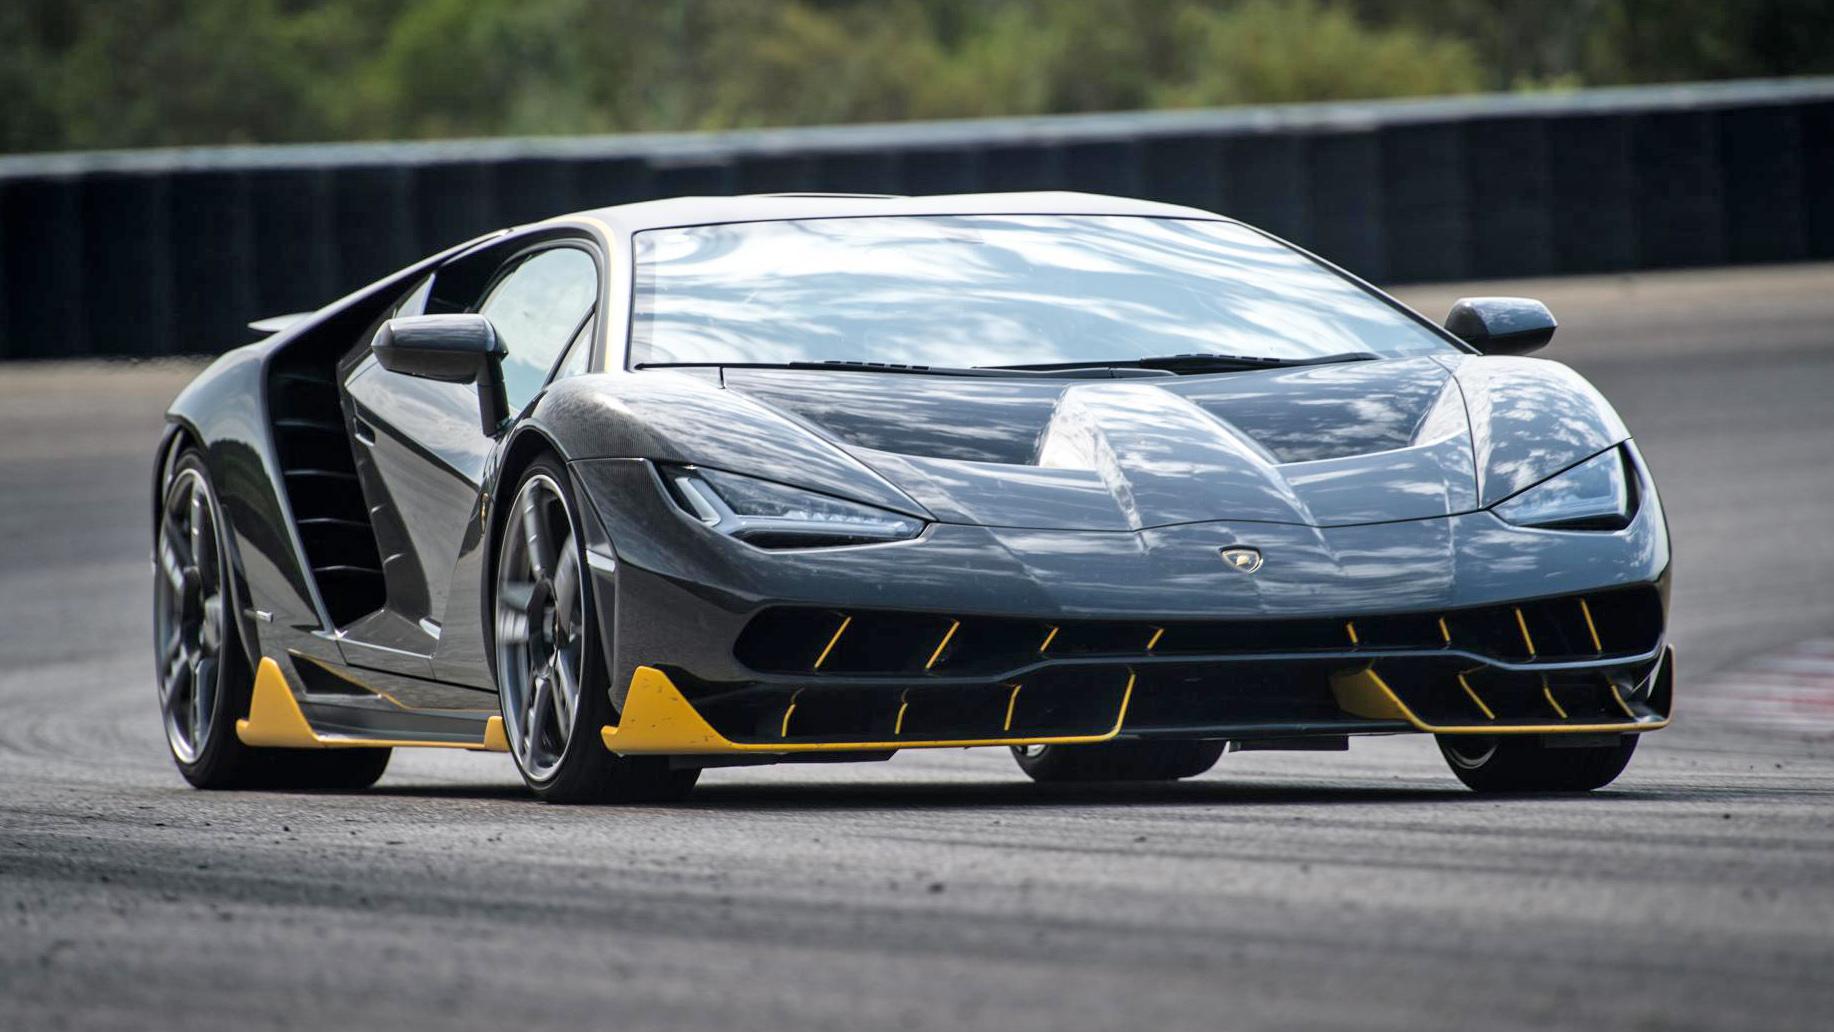 Video: The Lamborghini Centenario On Track